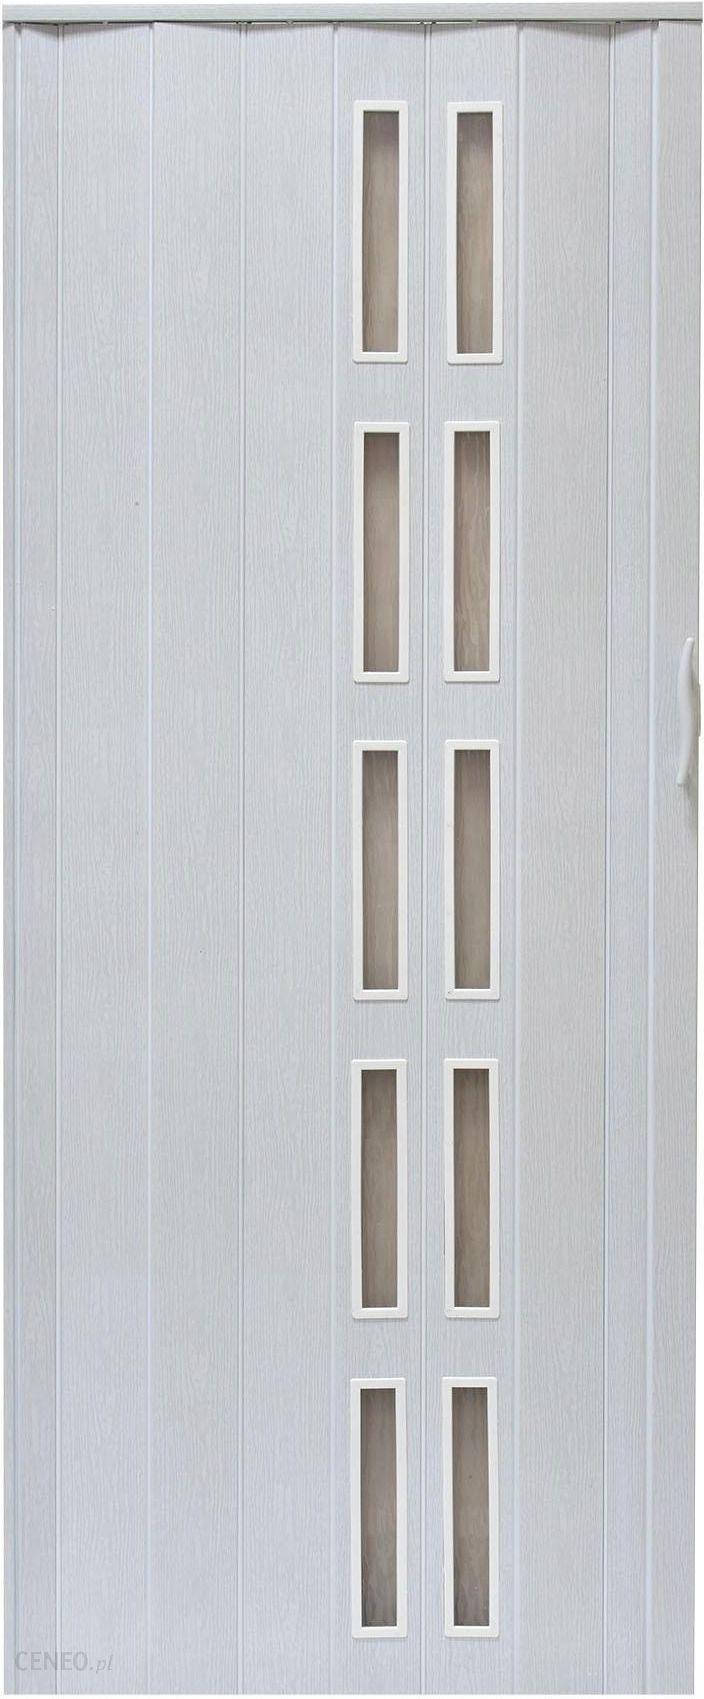 Drzwi Harmonijkowe Natura 005S 80 cm dąb biały DHARM001P8049